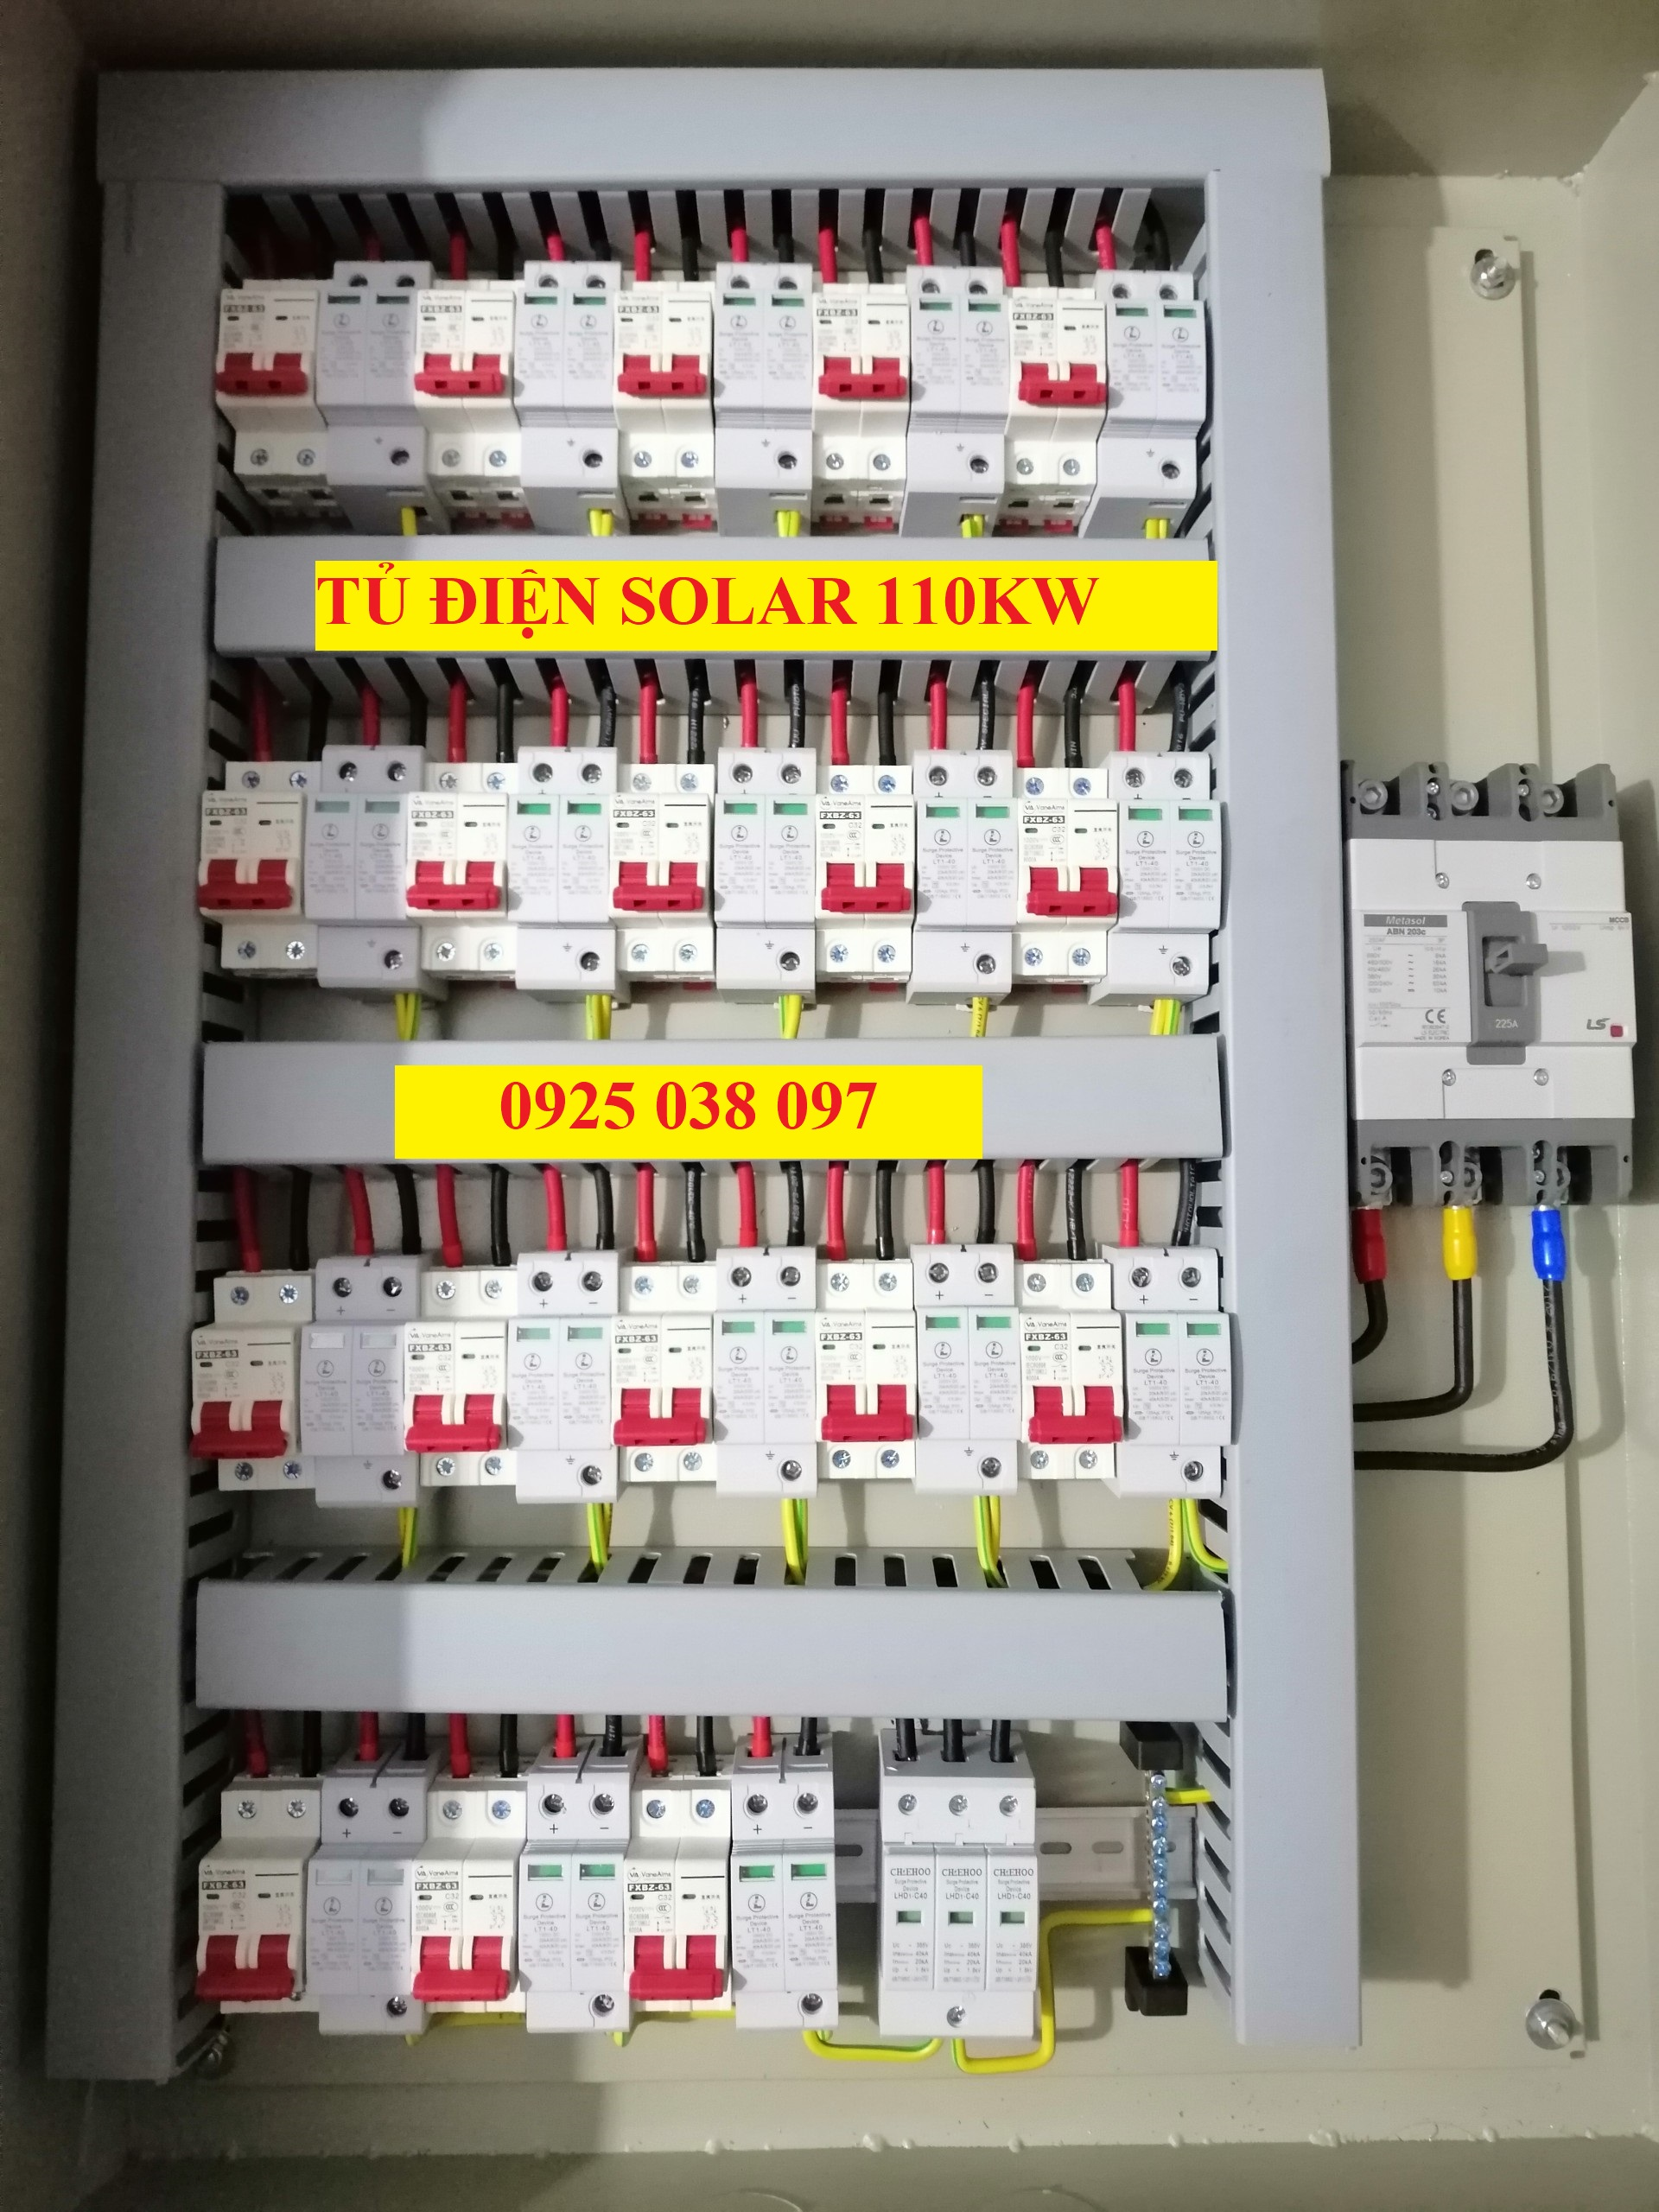 tủ điện năng lượng mặt trời 110kW 18 strings